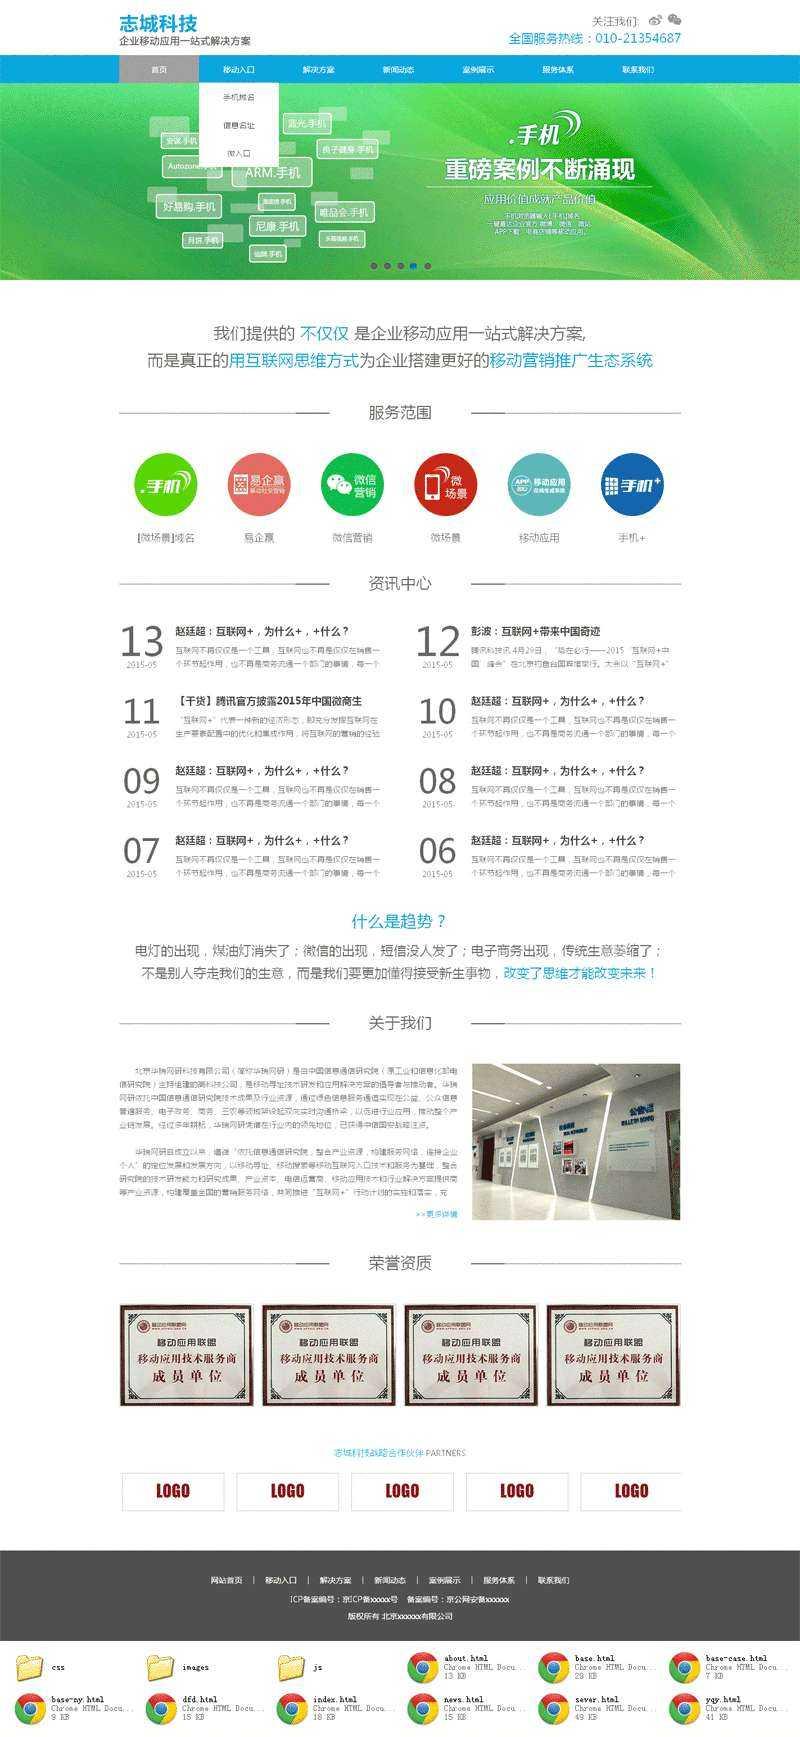 蓝色的移动营销网络公司网站模板html下载